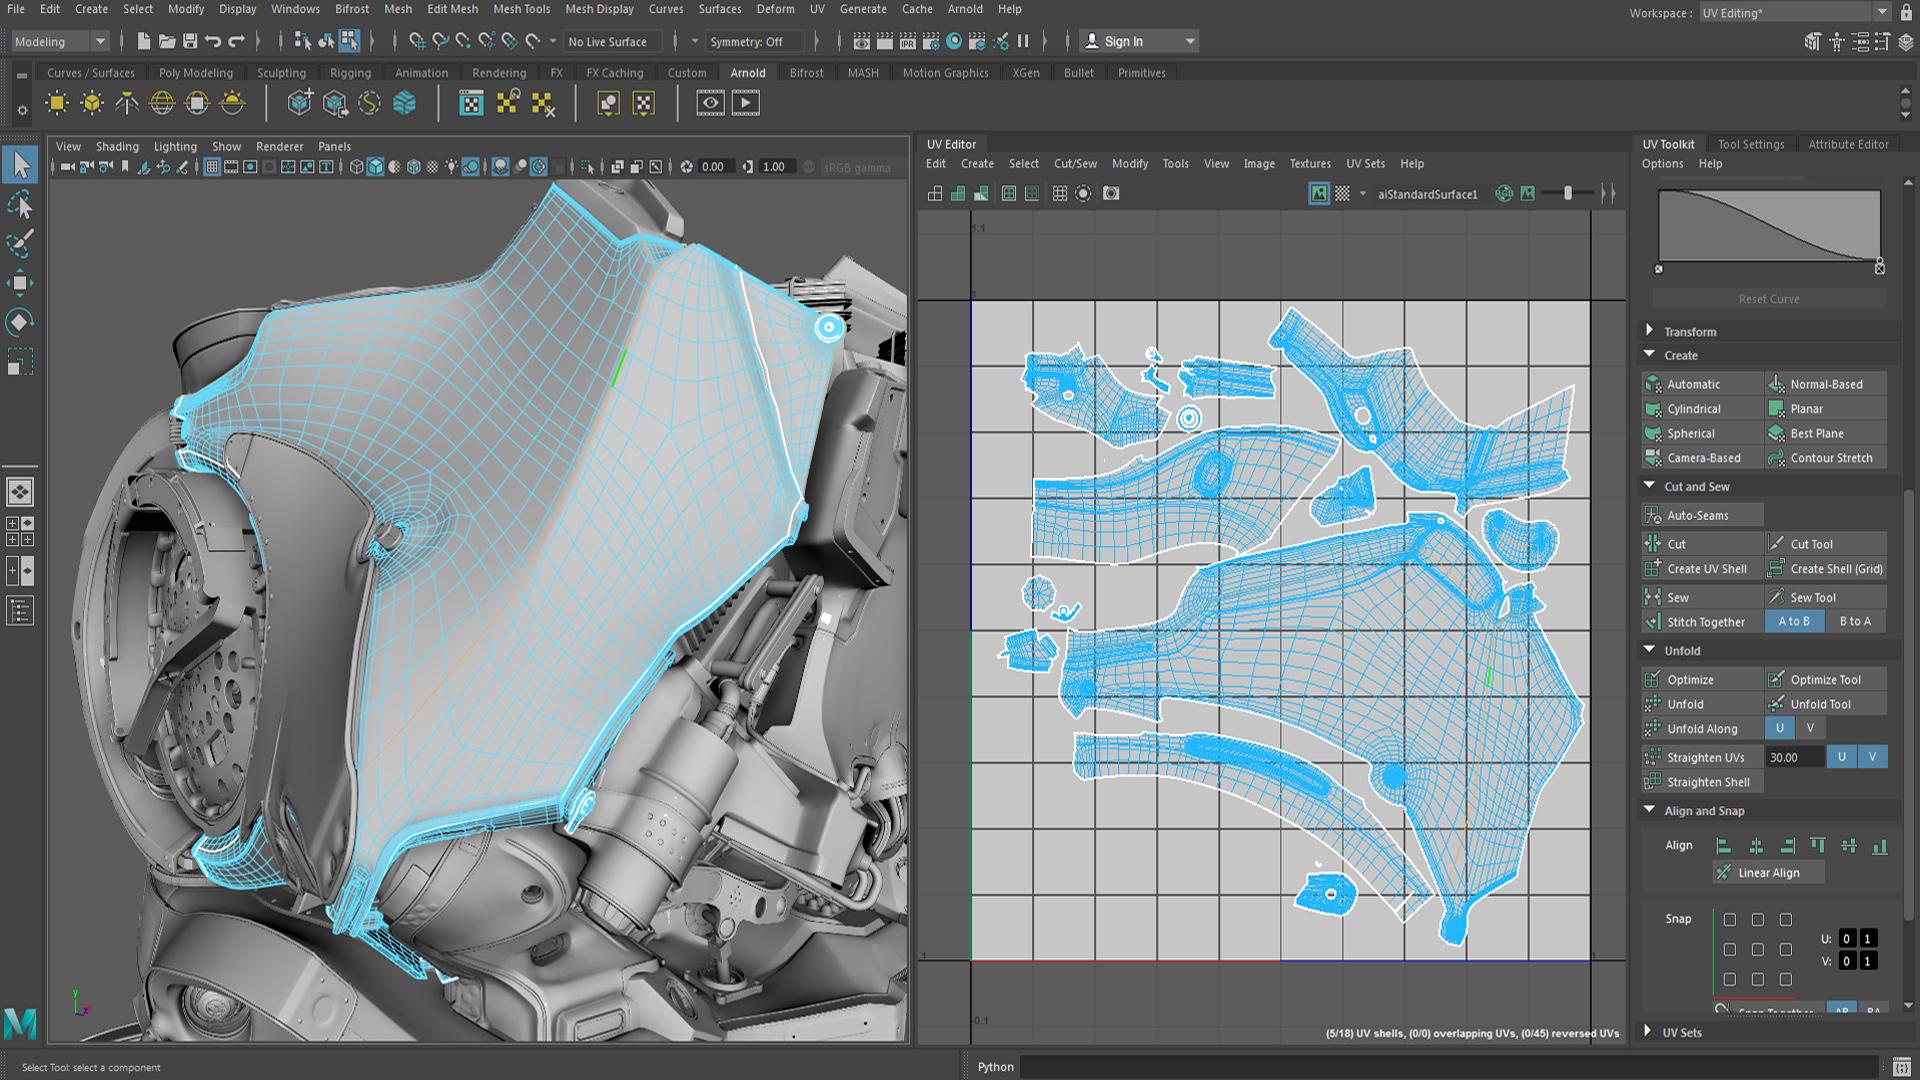 Autodesk Maya 2018 - ArchitecTools - 3D Architettura